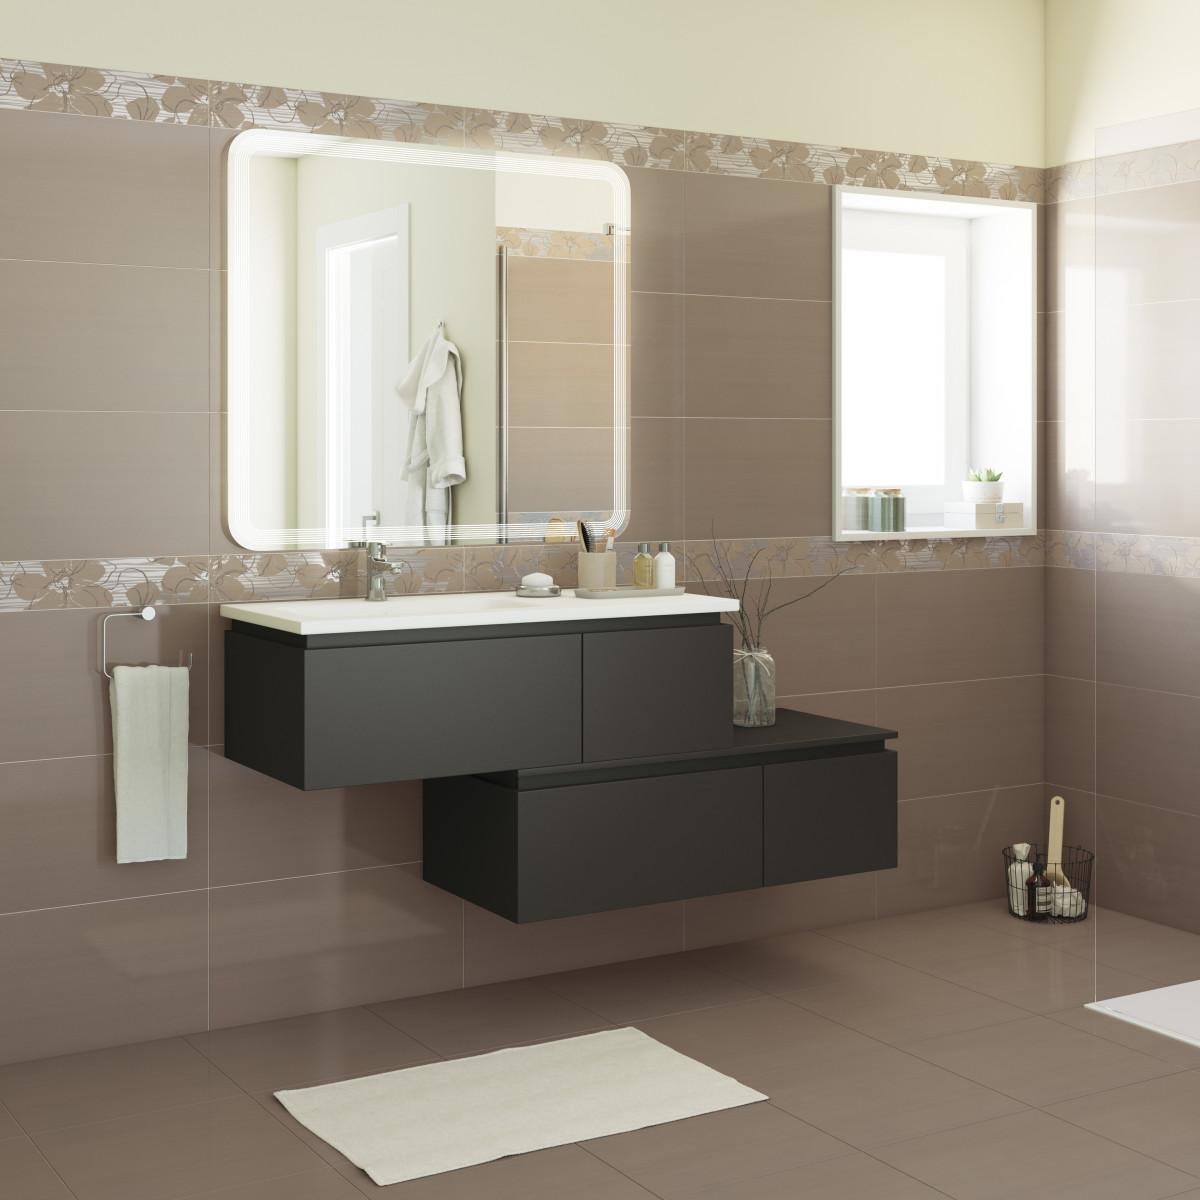 Dividere senza pareti salotto e cucina - Mobile bagno doppio lavabo leroy merlin ...